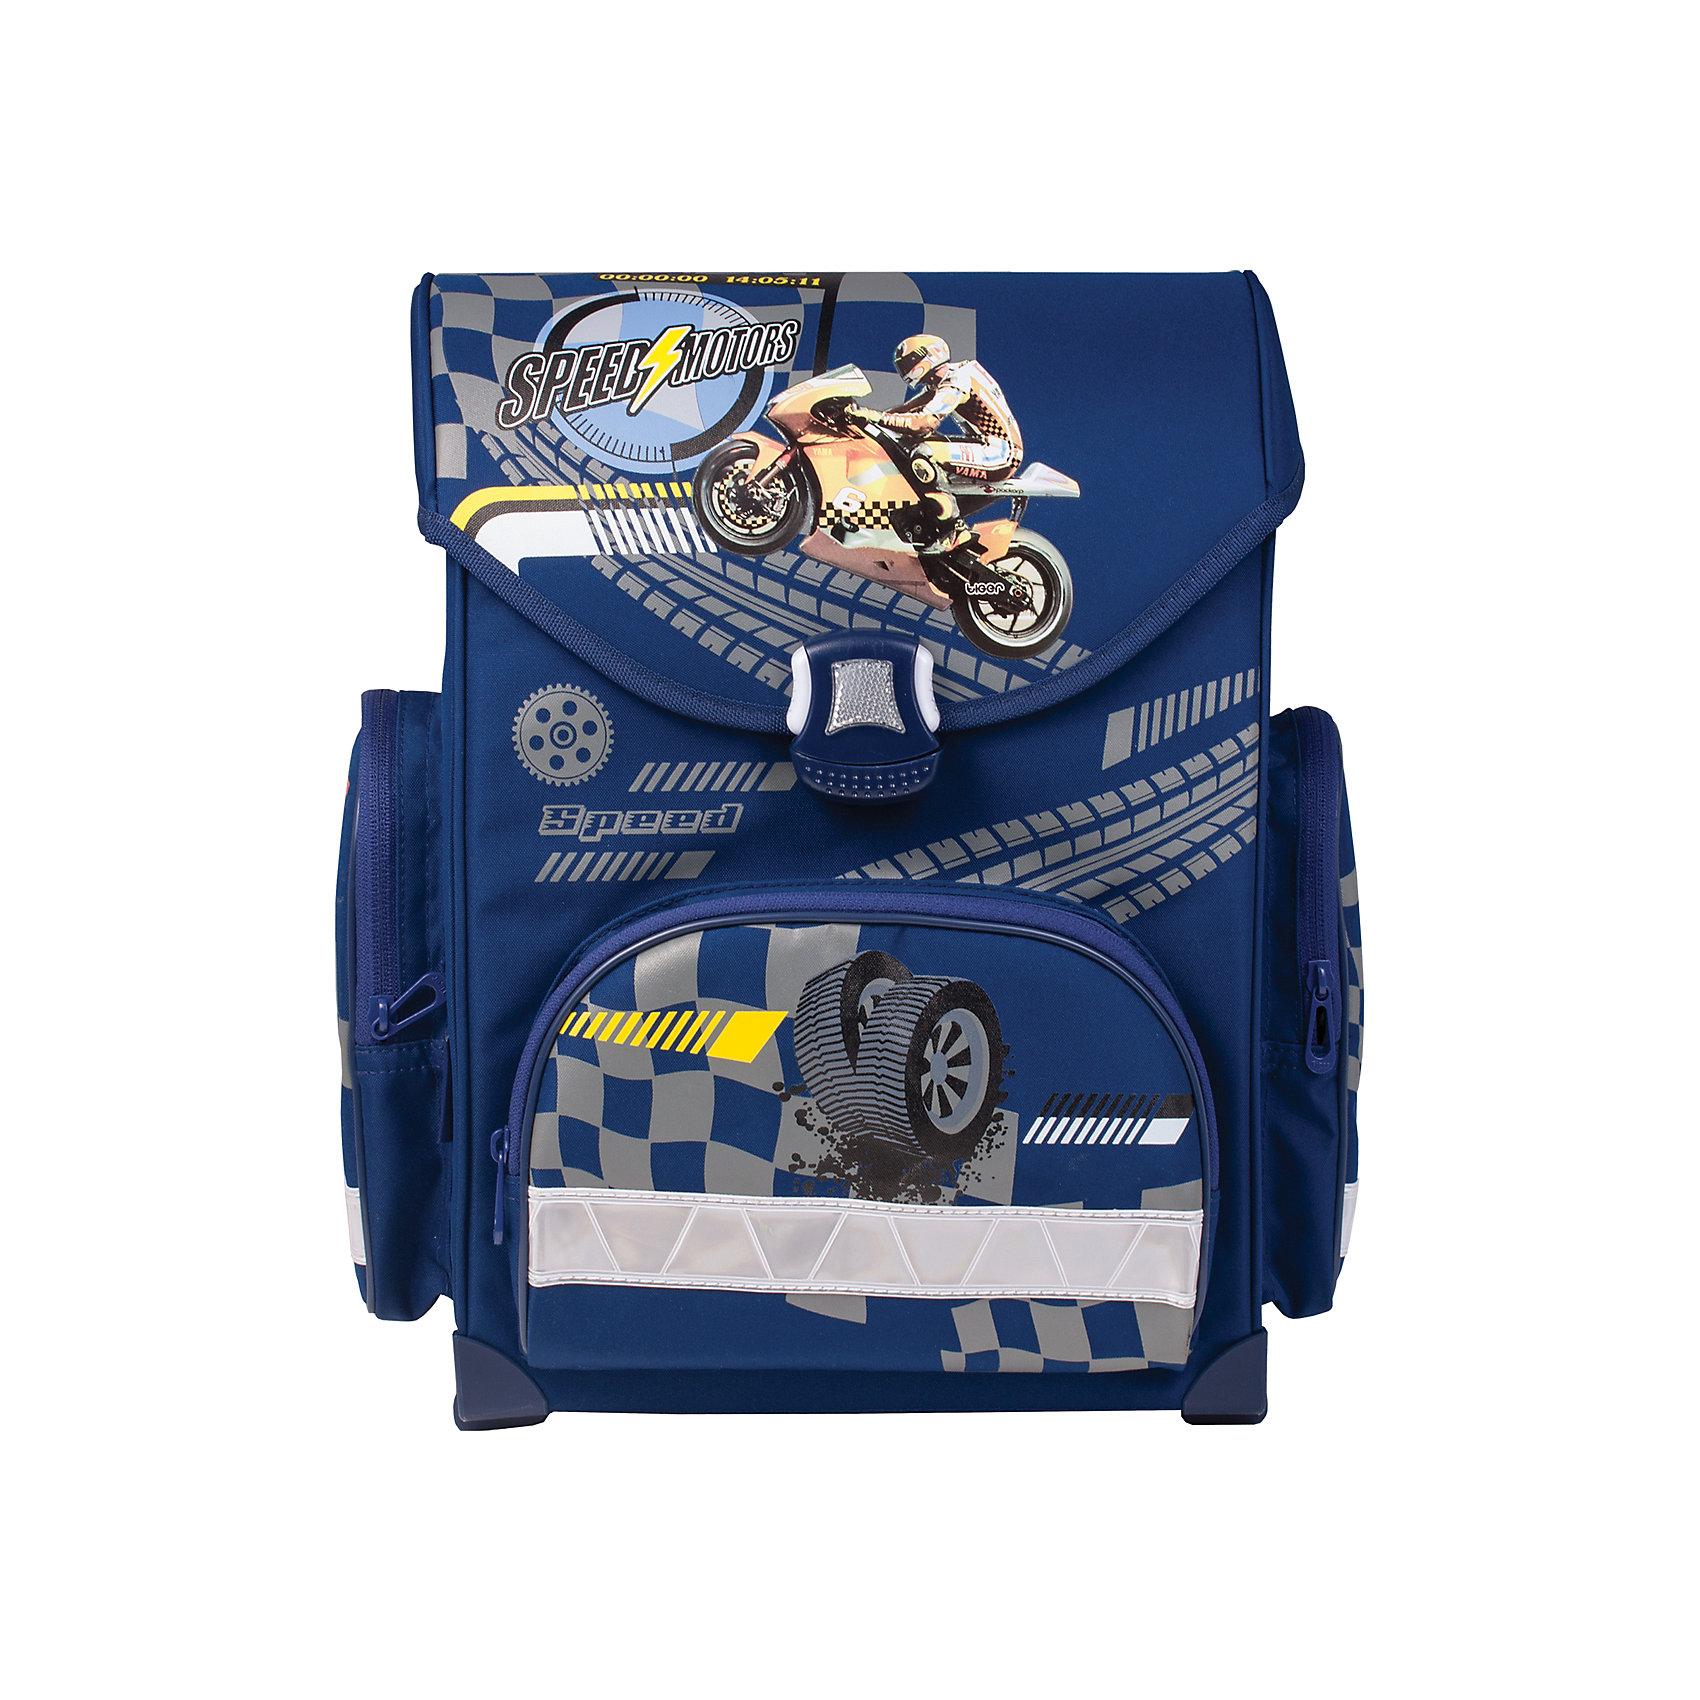 Tiger Family Ранец МотоциклРанцы<br>Хотите чтобы ваш сын собирался в школу быстро и с удовольствием? Подарите ему мотоцикл, яркий и объемный, на его новом ранце из прочного материала с удобной застежкой и комфортной спинкой.<br><br>Особенности:<br>- 1 отделение, 3 кармана;<br>- Прорезиненное дно;<br>- Формоустойчивая вентилируемая спинка;<br>- Широкие регулируемые лямки;<br>- Светоотражающие элементы;<br>- Водоотталкивающая ткань.<br><br>Дополнительная информация: <br><br>- Размер - 37х34х20 см.<br>- Объем - 14 л.<br>- Размер упаковки: 20х30х35 см.<br>- Вес в упаковке: 1,150 кг.<br><br>Ранец Мотоцикл можно купить в нашем магазине.<br><br>Ширина мм: 200<br>Глубина мм: 300<br>Высота мм: 350<br>Вес г: 1150<br>Возраст от месяцев: 72<br>Возраст до месяцев: 120<br>Пол: Мужской<br>Возраст: Детский<br>SKU: 4792802